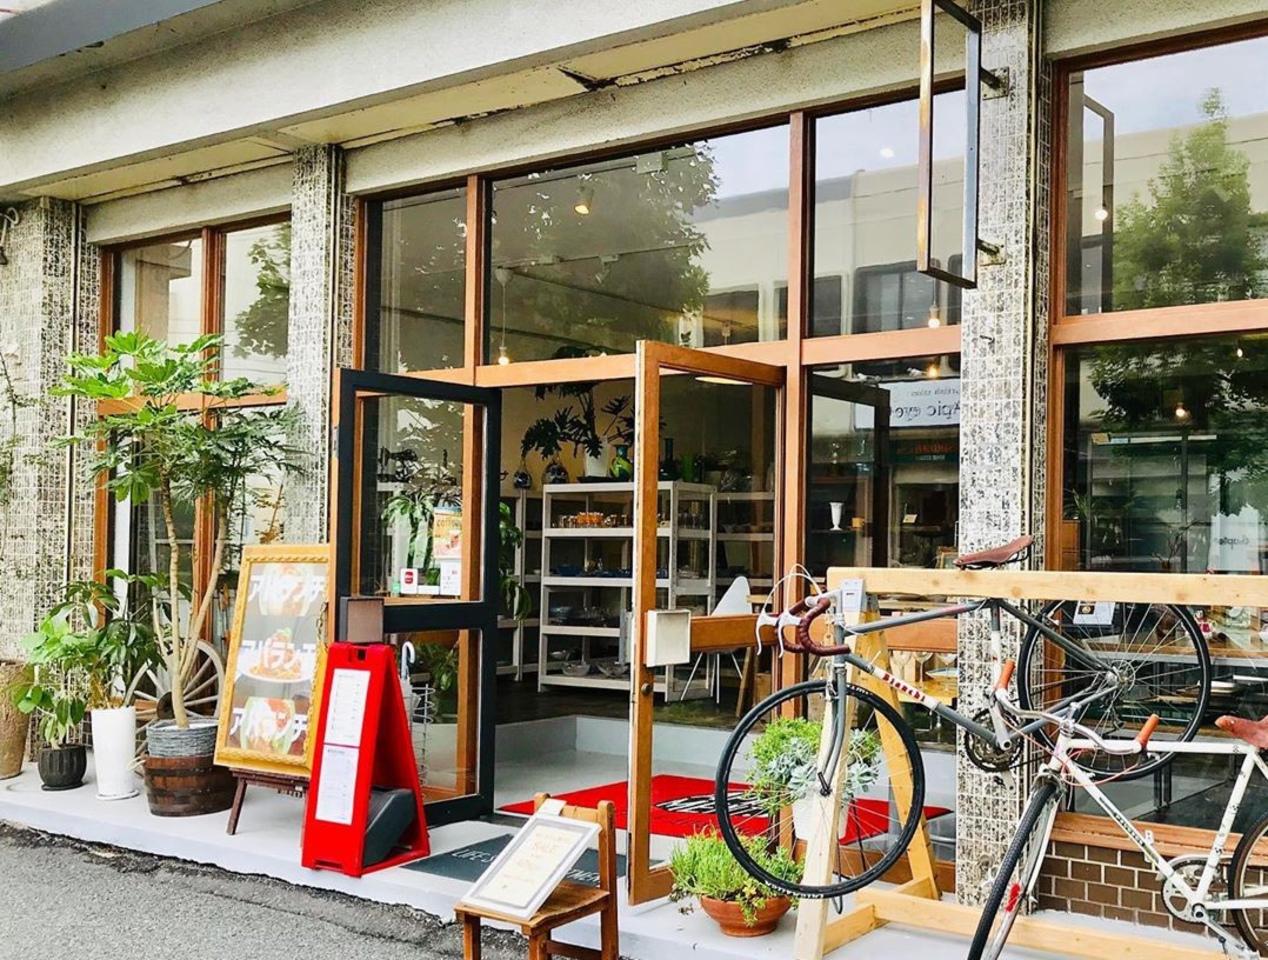 【 ライフスタイルアパートメント問屋町 】家具 雑貨 カフェ(岡山市北区)